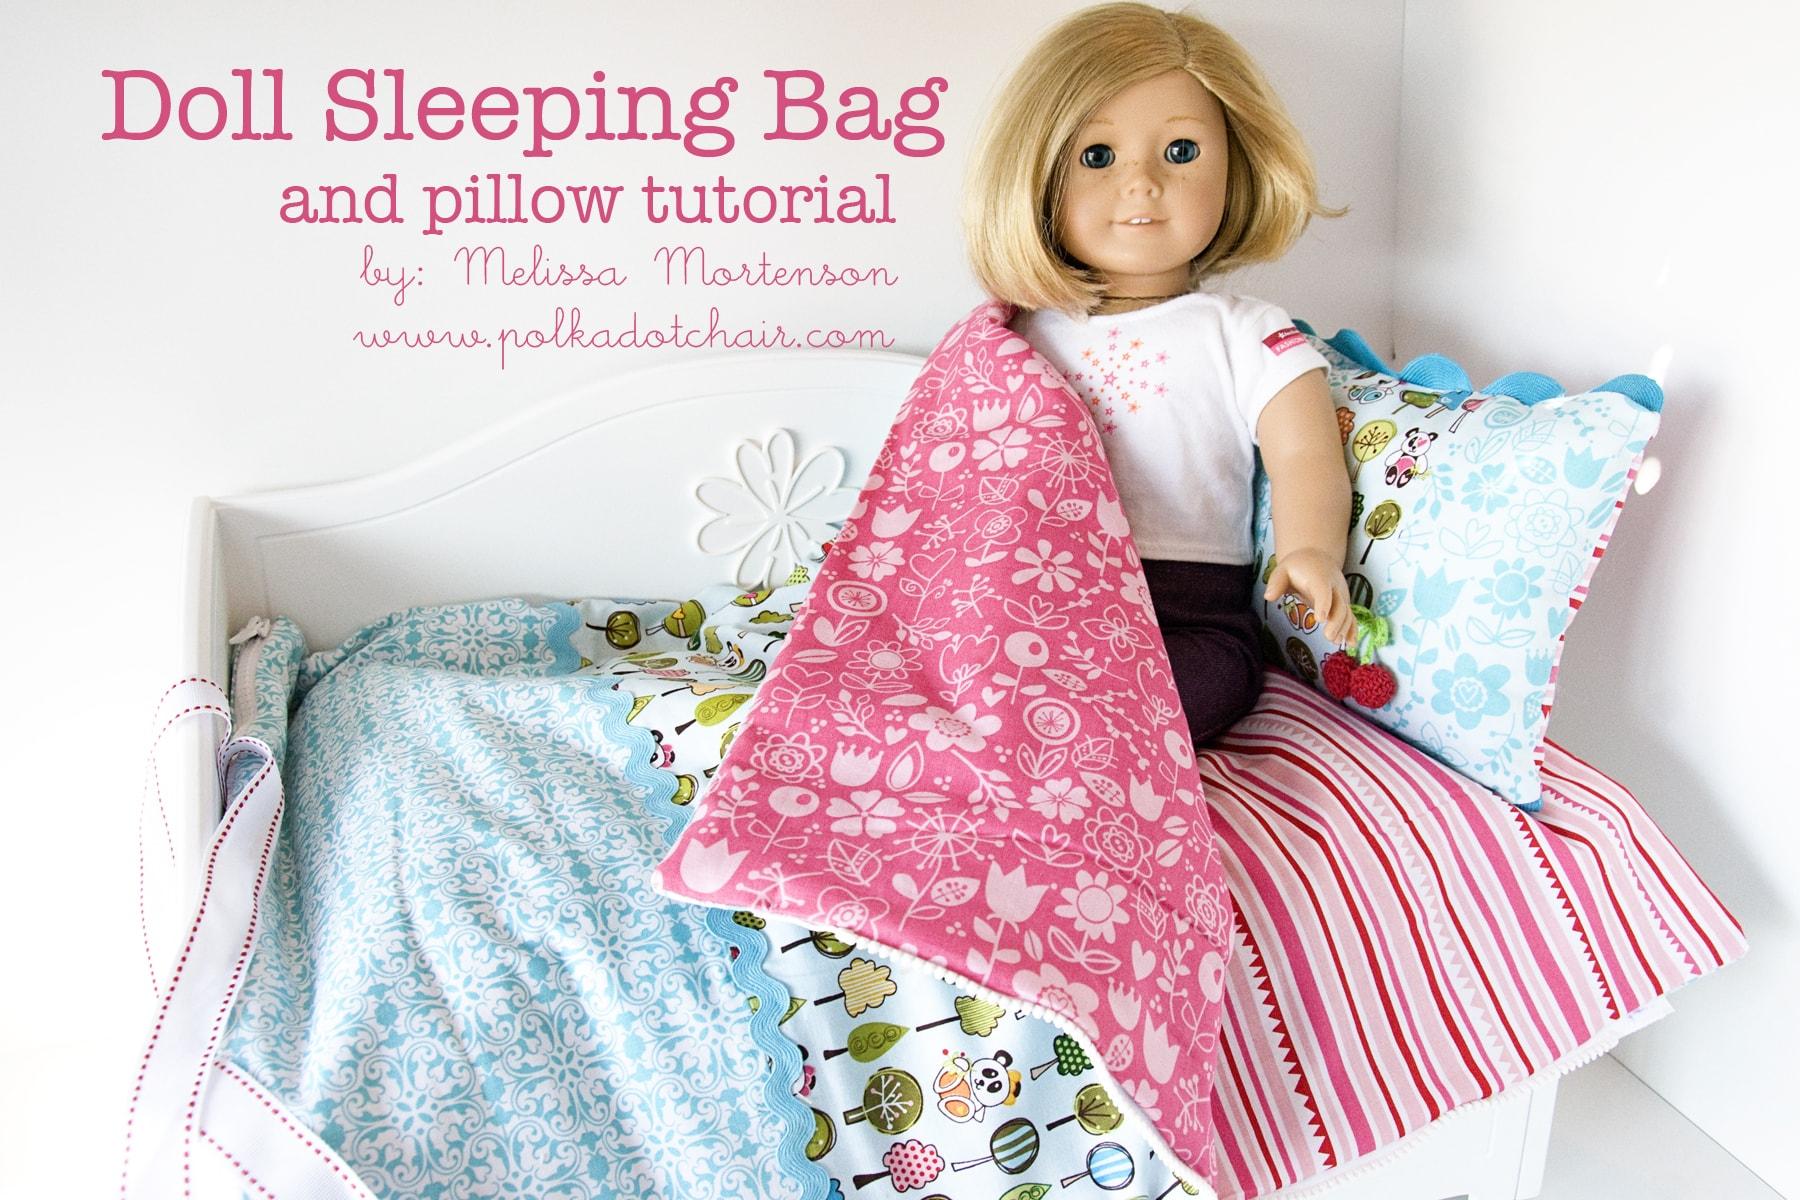 18 inch doll chair diy design nigeria american girl sleeping bag sewing tutorial